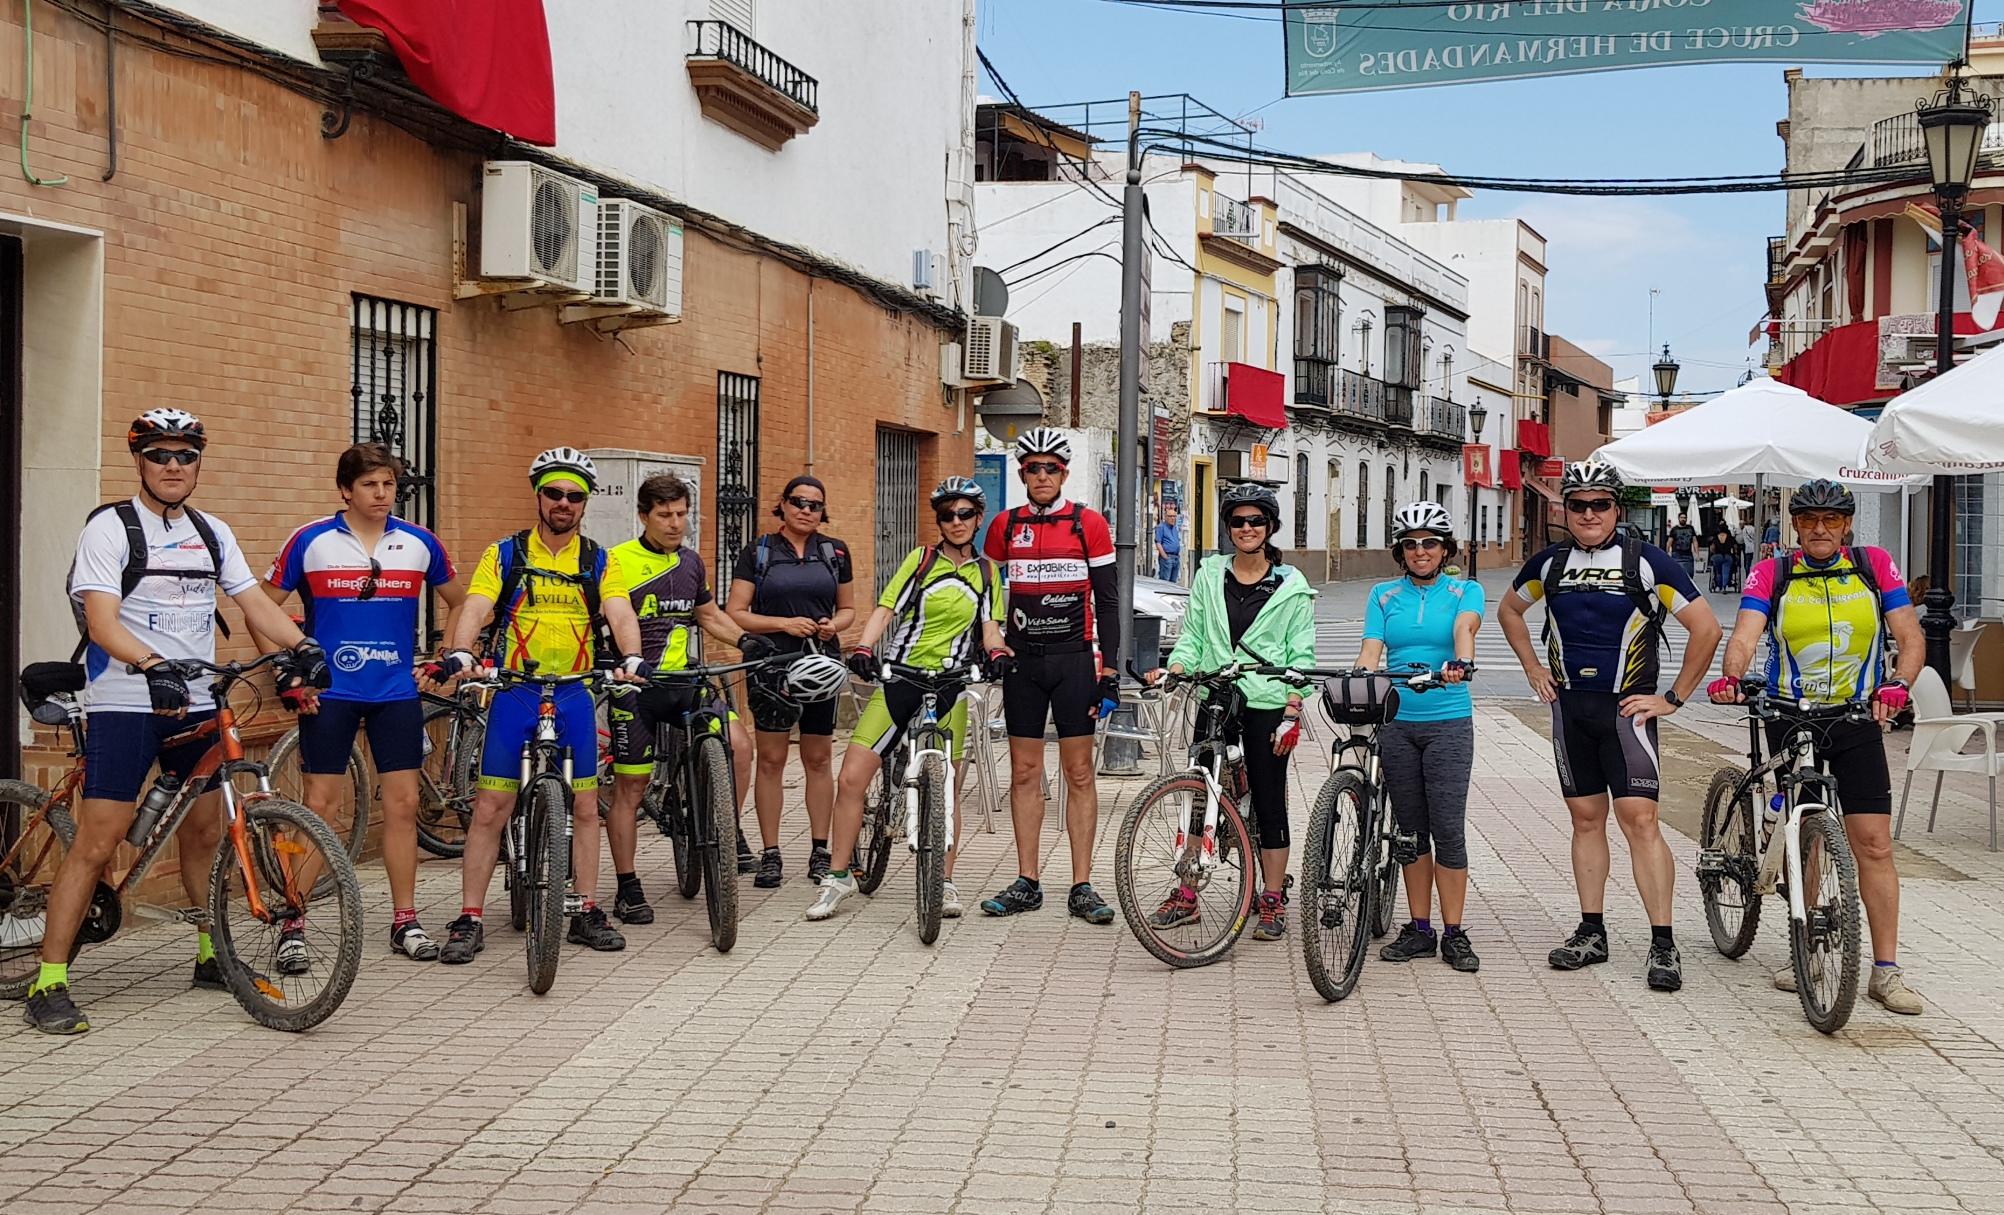 BTT Cañada de los pajaros